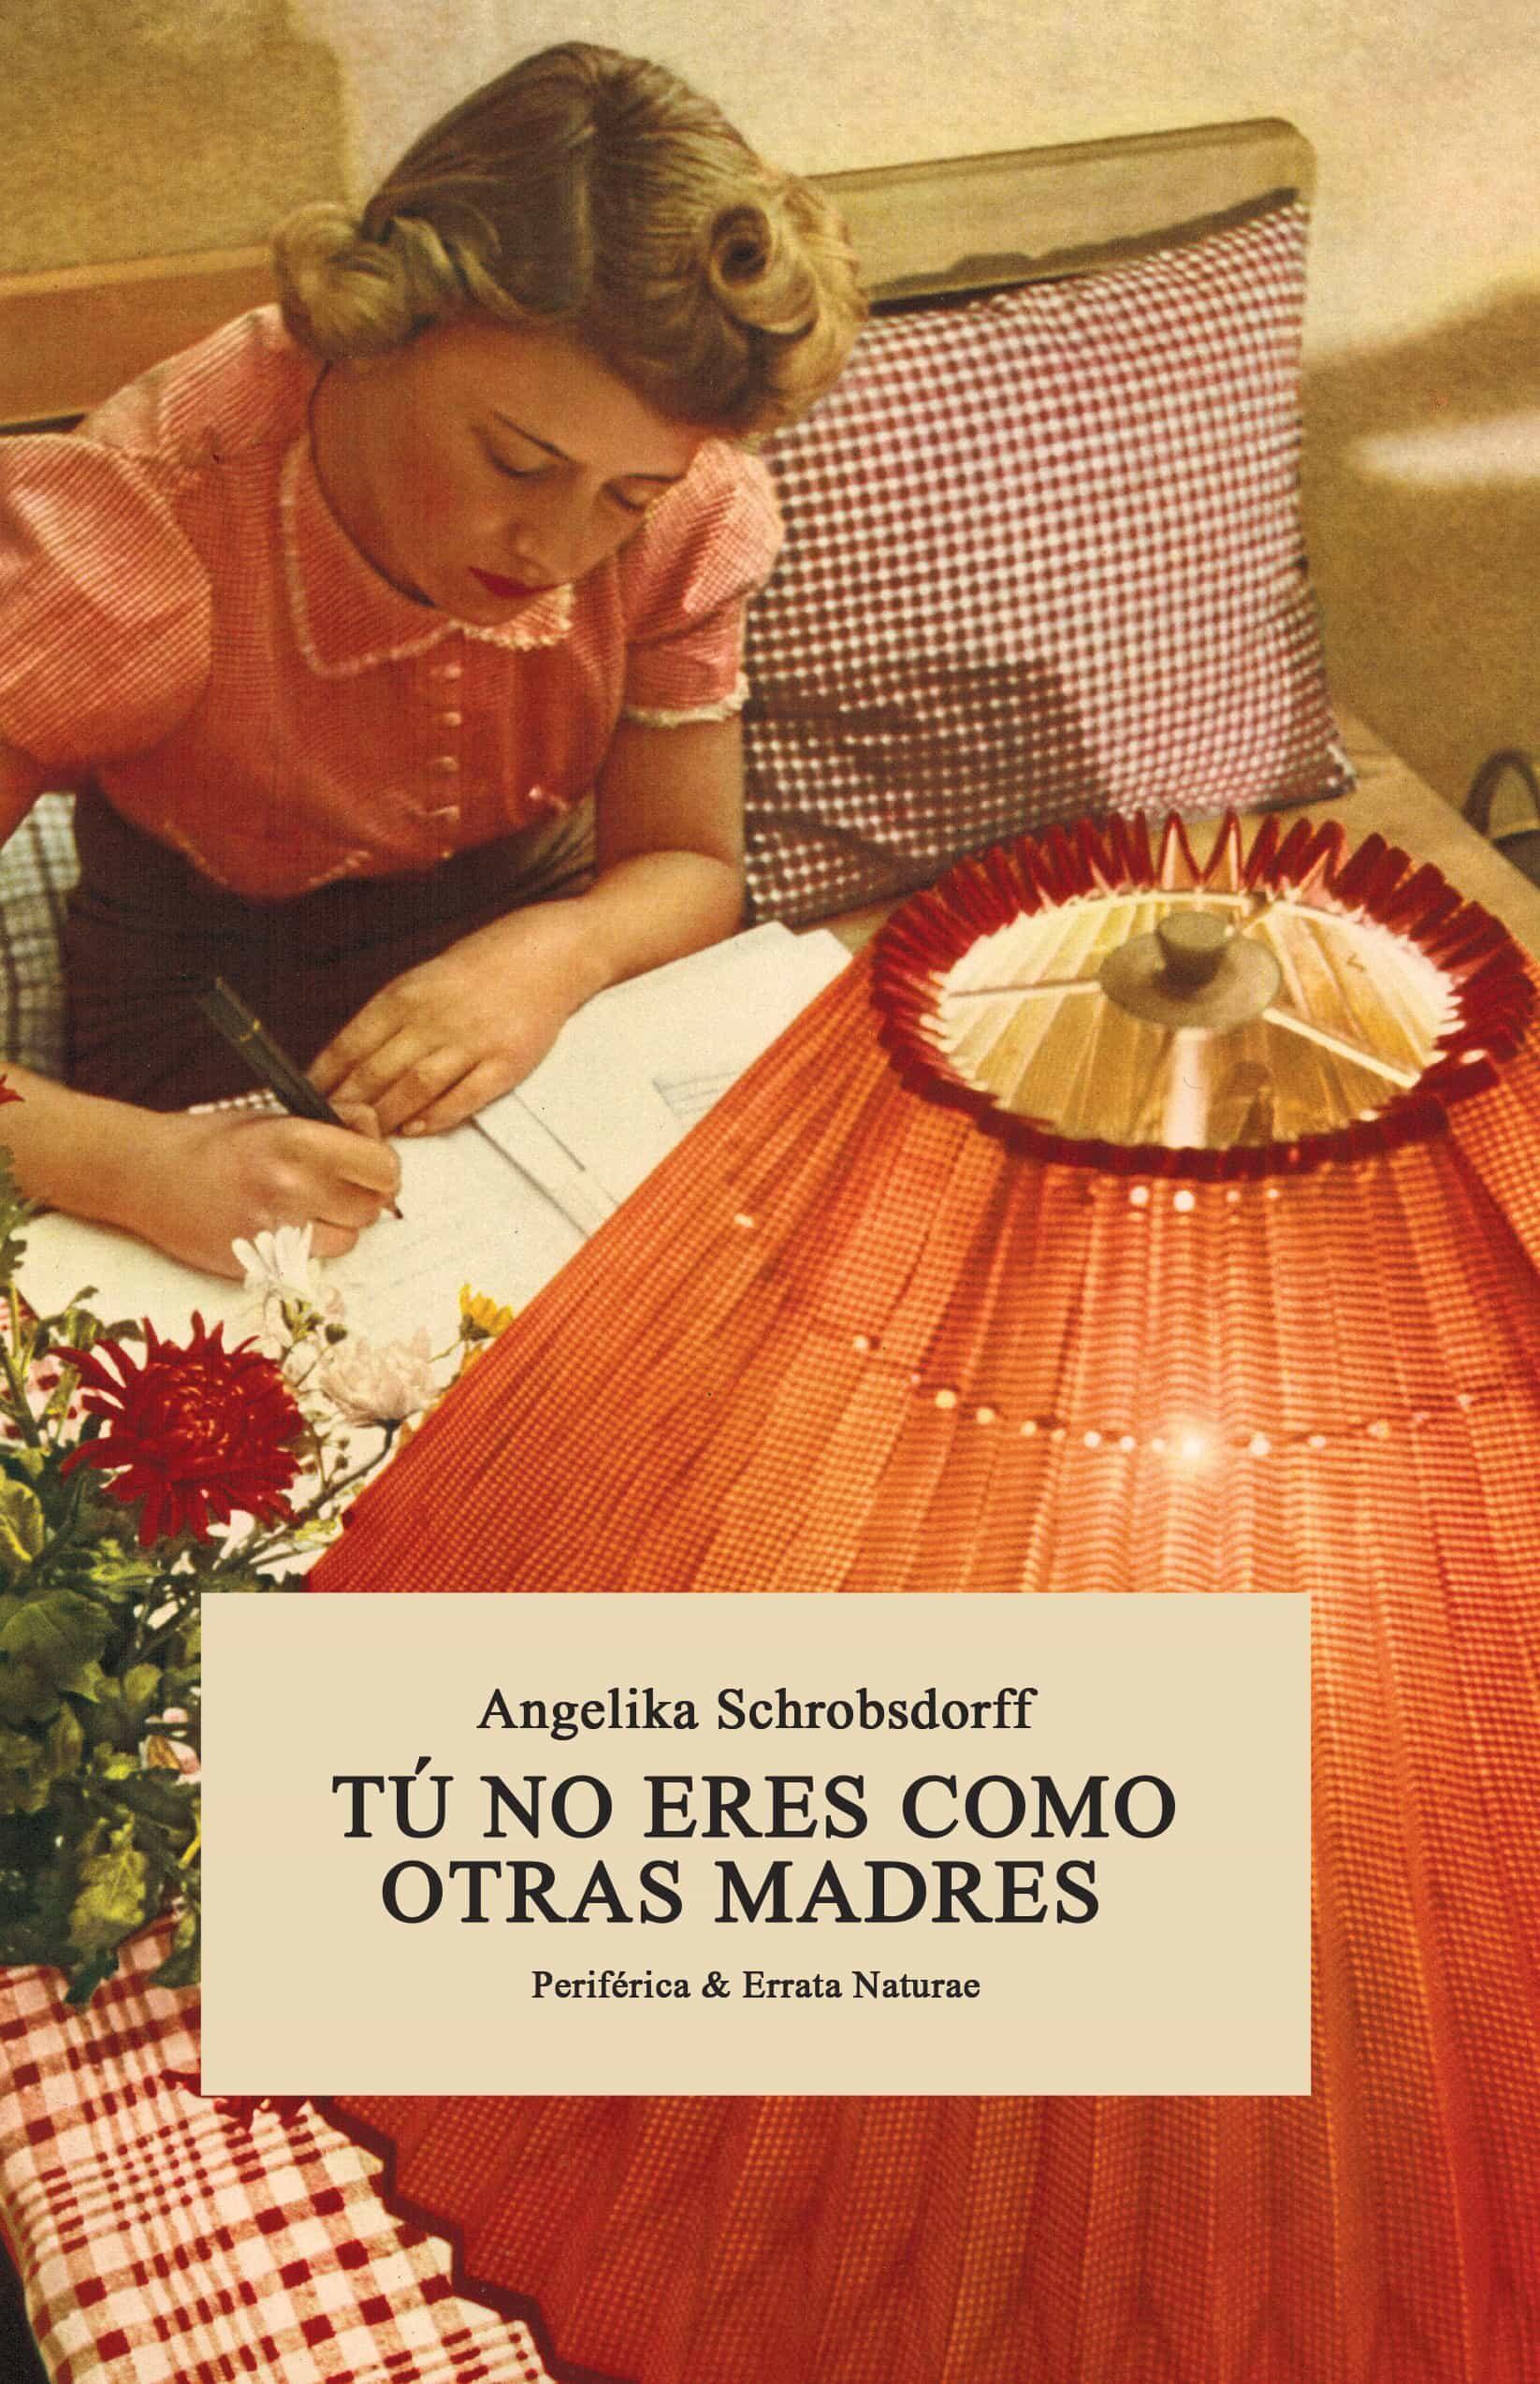 Tú No Eres Como Otras Madres por Angelika Schrobsdorff